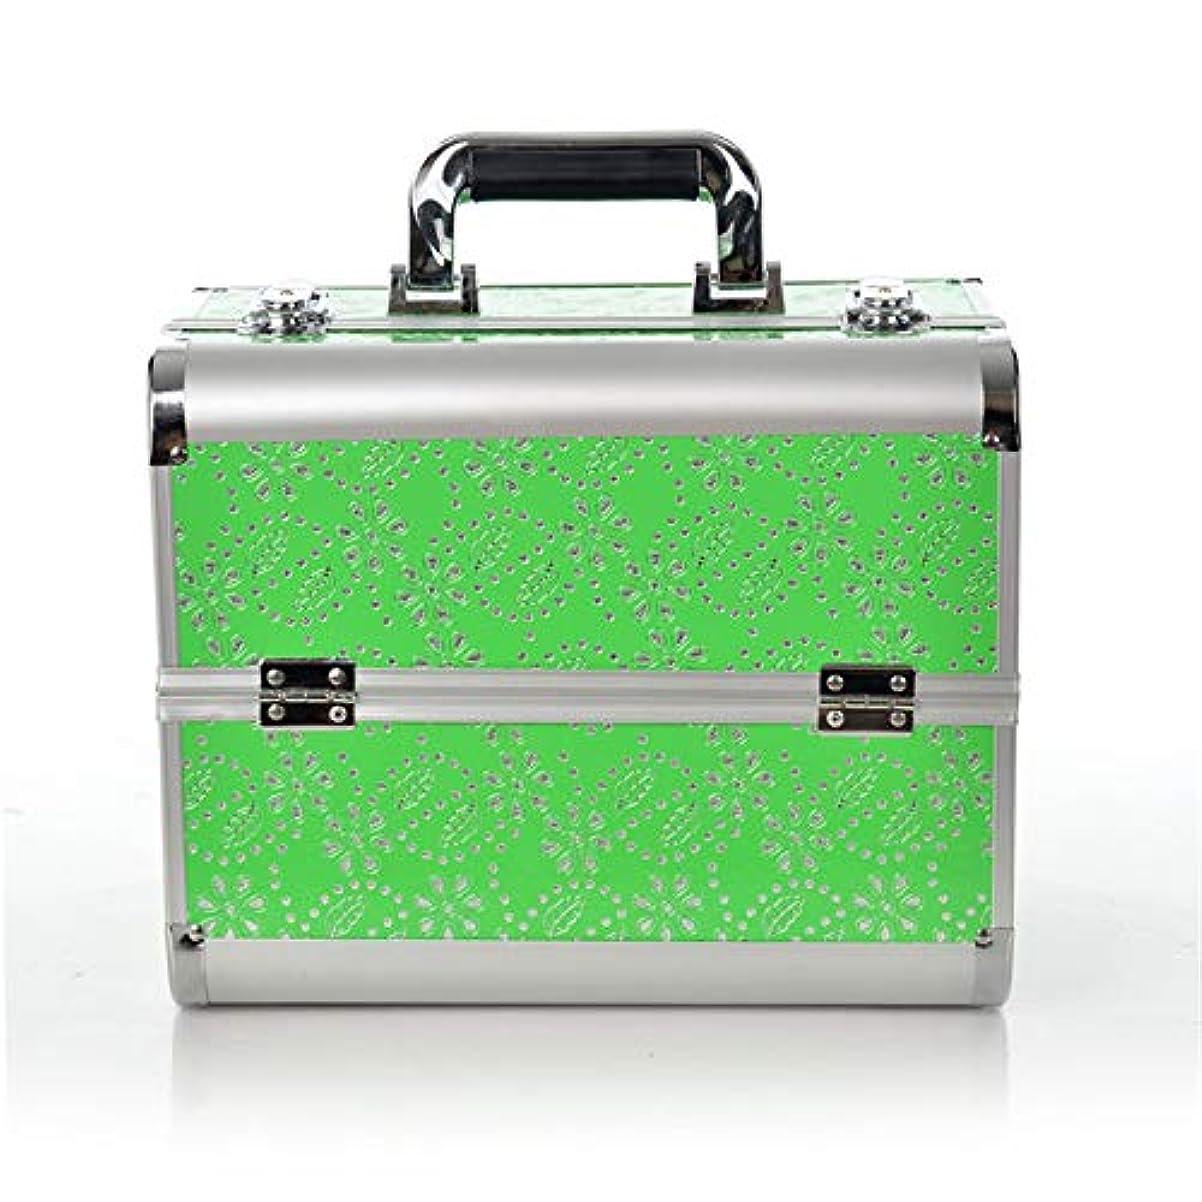 秀でる通訳自治化粧オーガナイザーバッグ 化粧箱バニティロック可能な美容メイクアップネイルジュエリーポータブルケース収納ボックスオーガナイザー 化粧品ケース (色 : 緑)